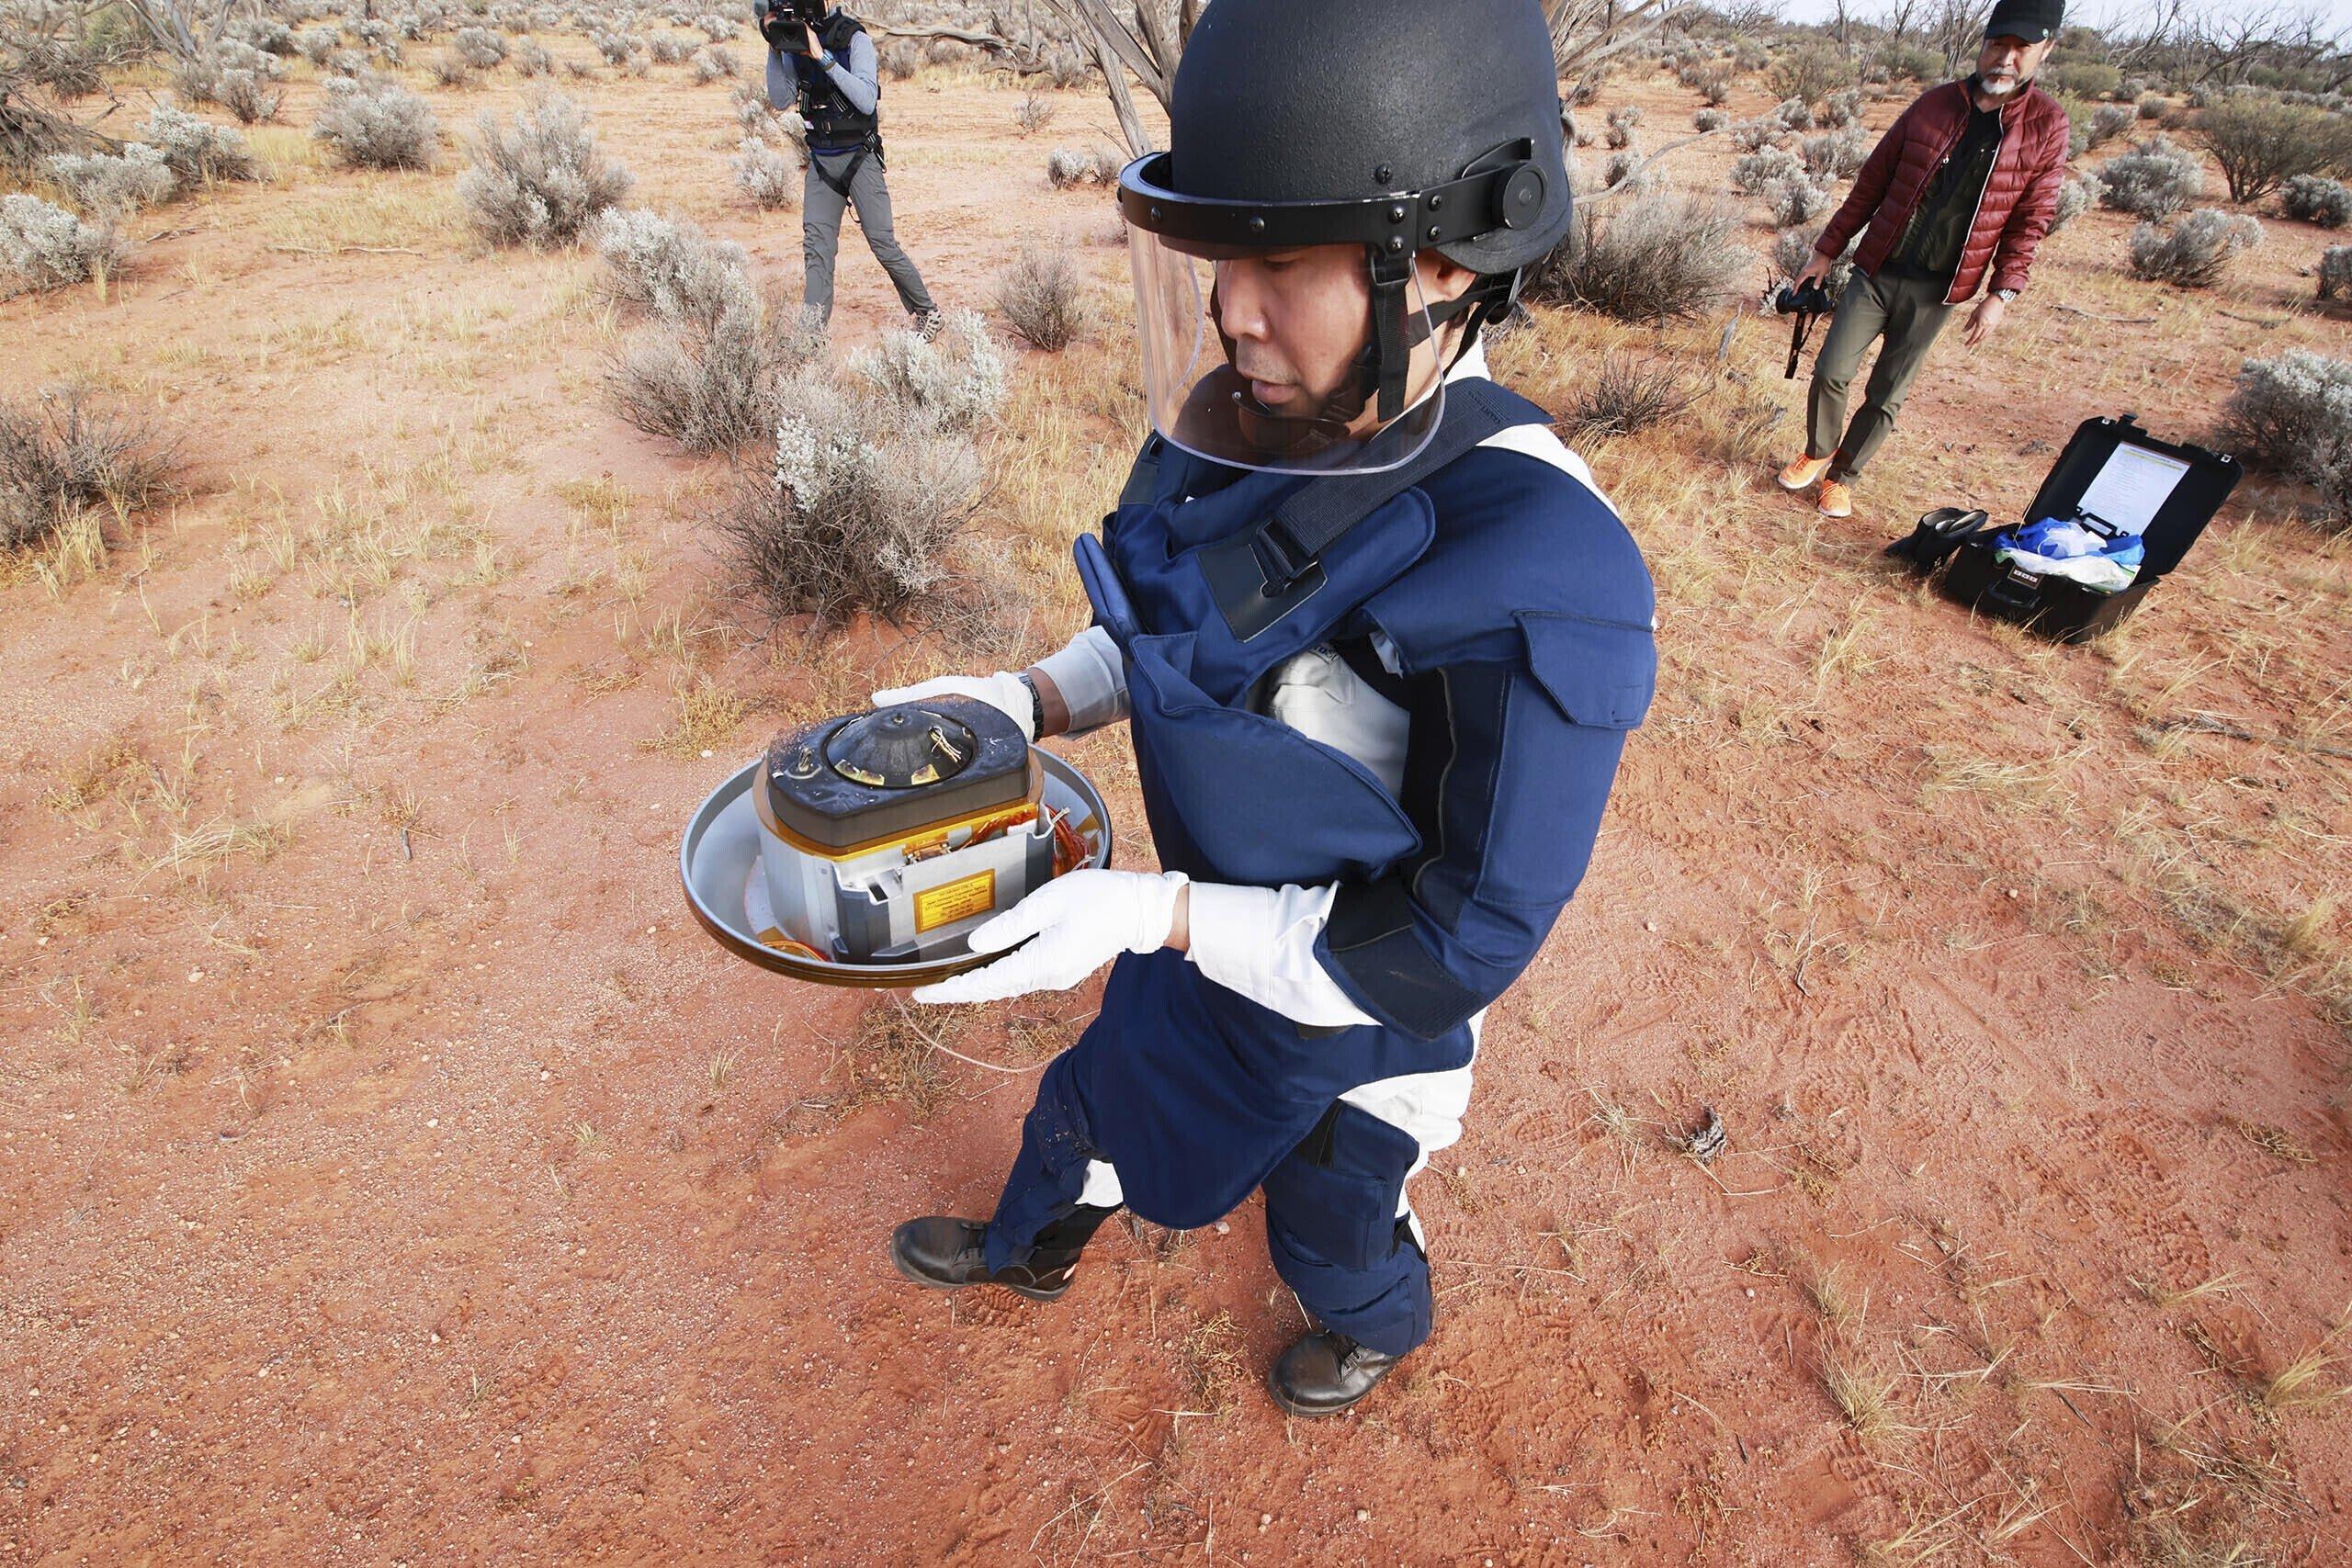 A member of the Japan Aerospace Exploration Agency (JAXA) retrieves a capsule dropped by Hayabusa2 in Woomera, southern Australia, Dec. 6, 2020. (Photo provided by JAXA via AP)